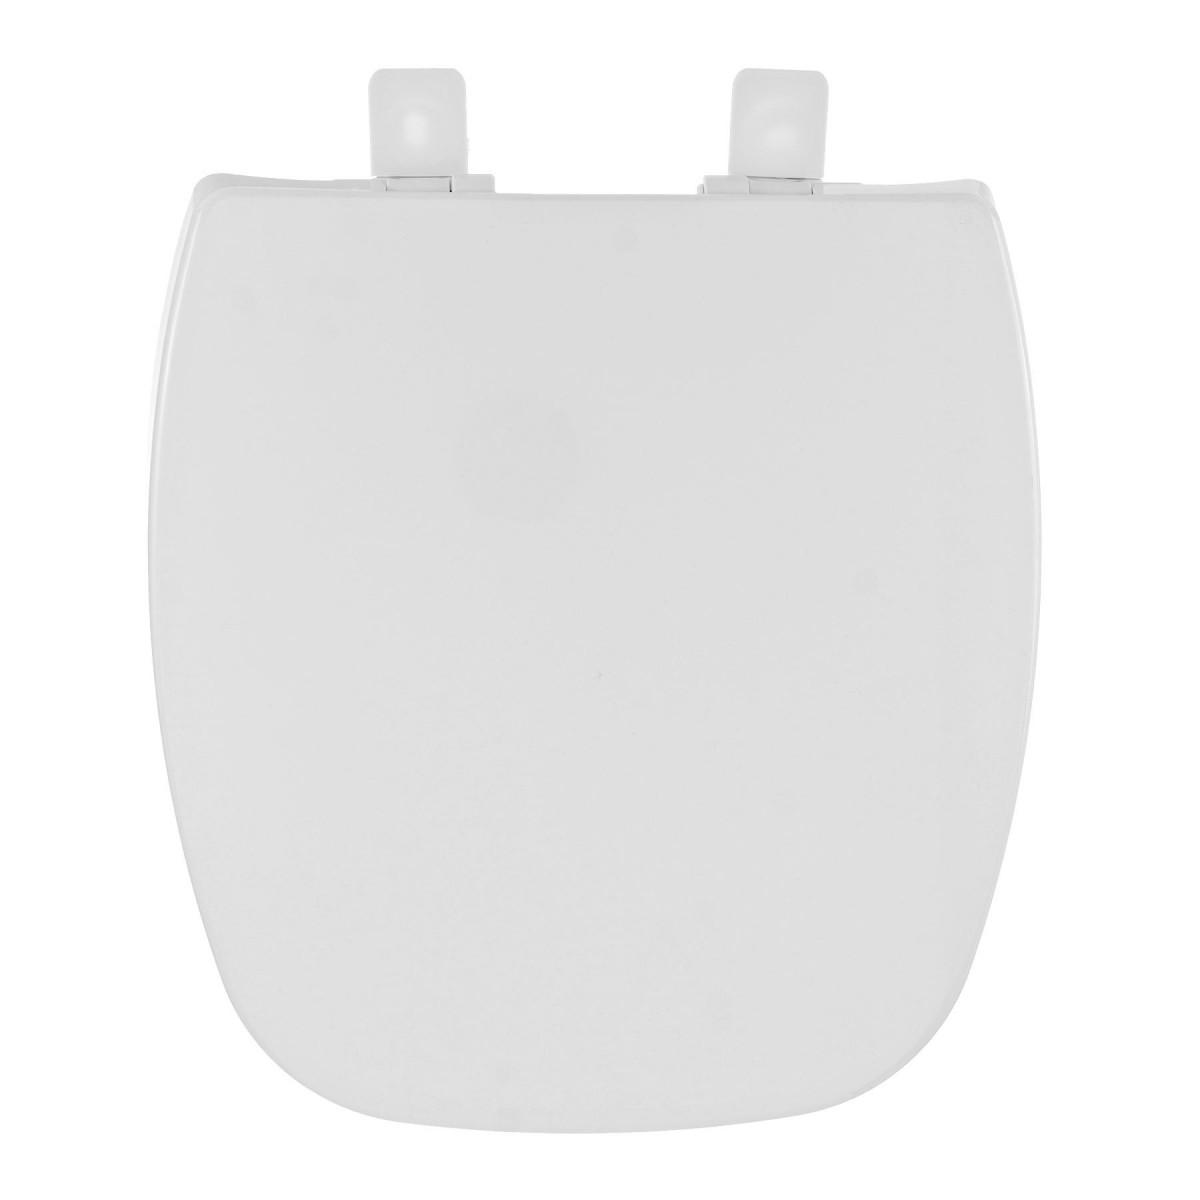 Assento Sanitário Versato / Fit com Fechamento  Suave SOFT CLOSE ou SLOW CLOSE em Resina Termofixa.